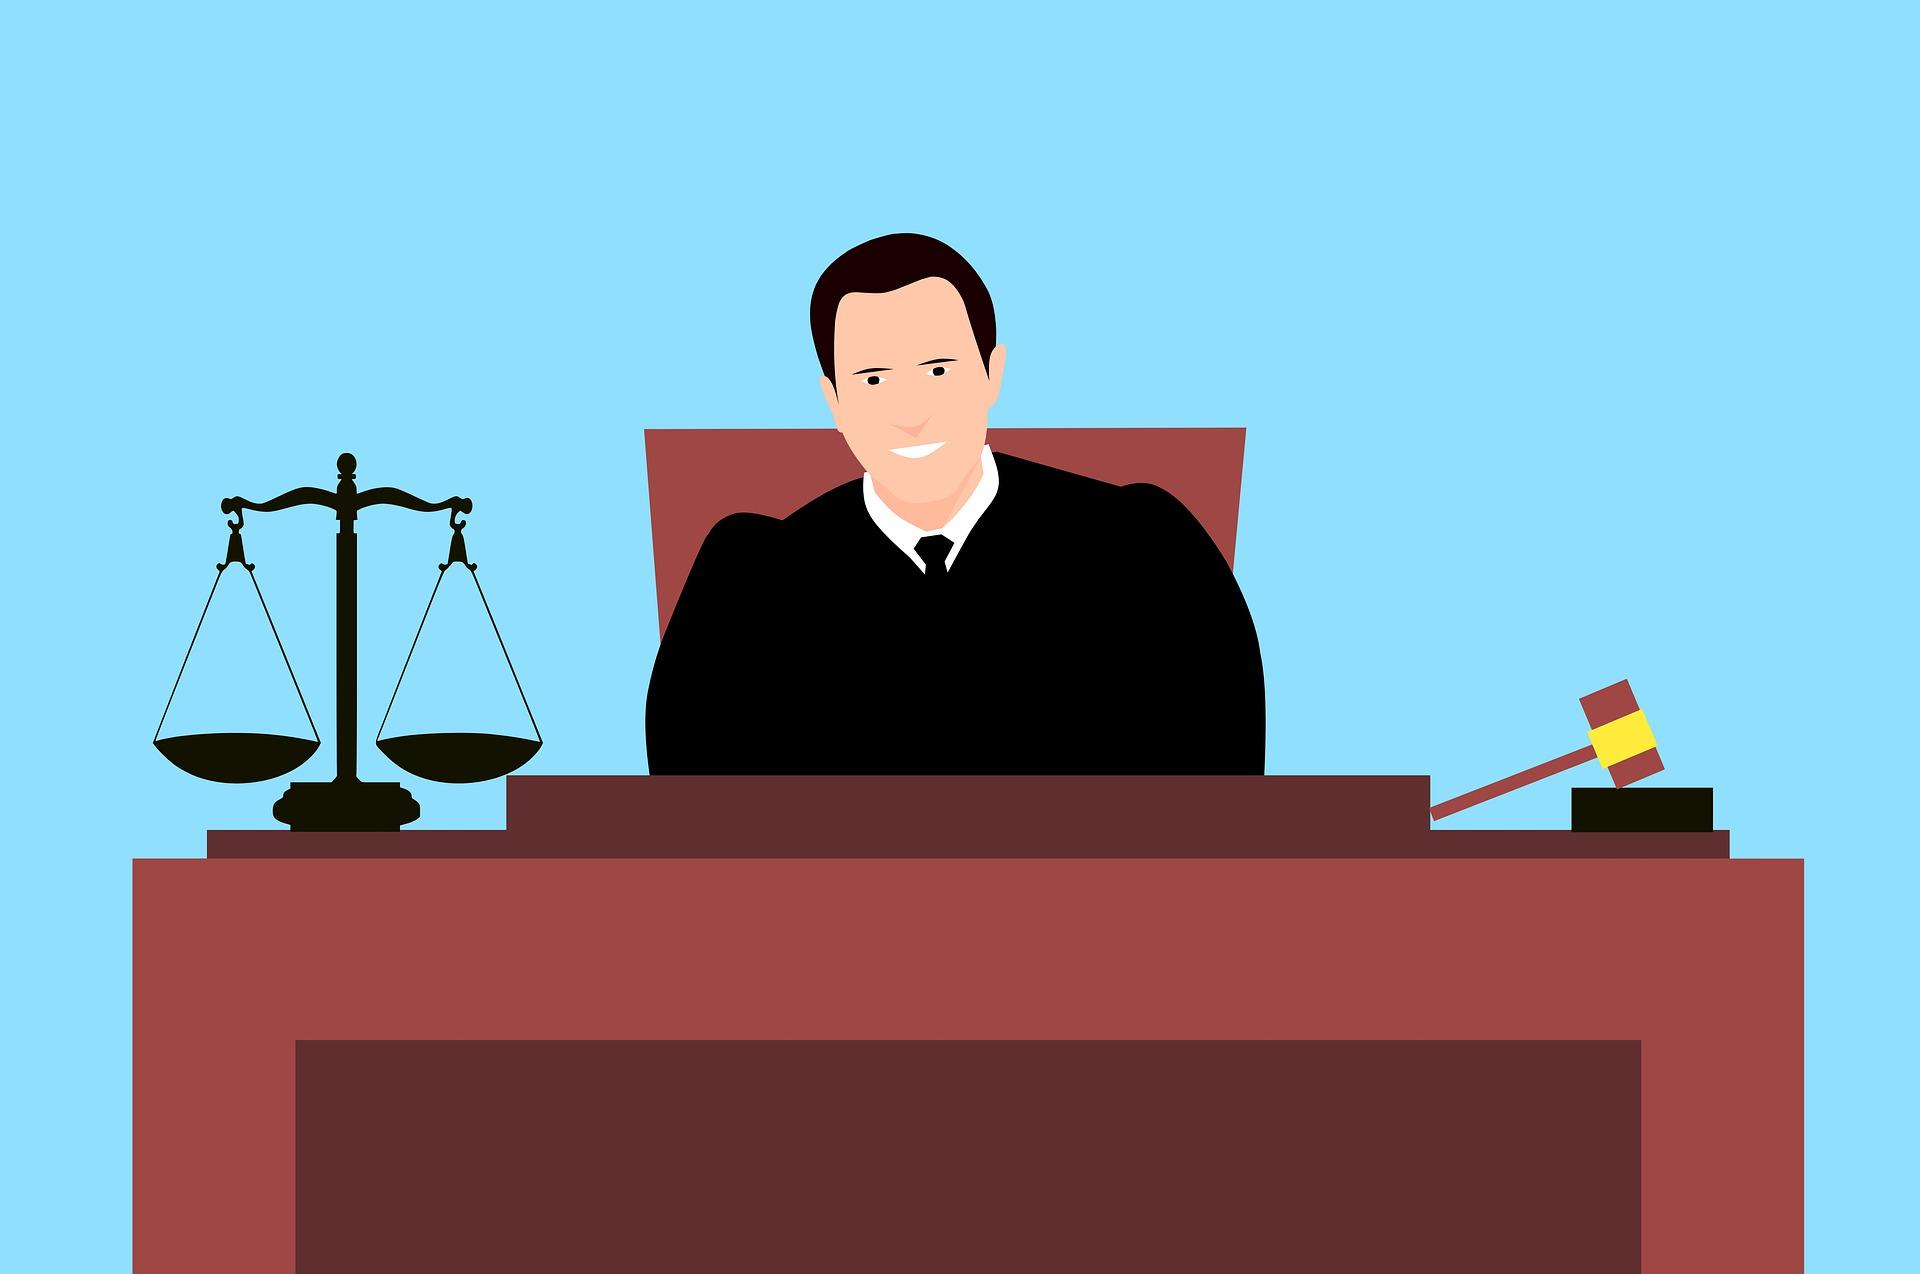 judge-5313542_1920